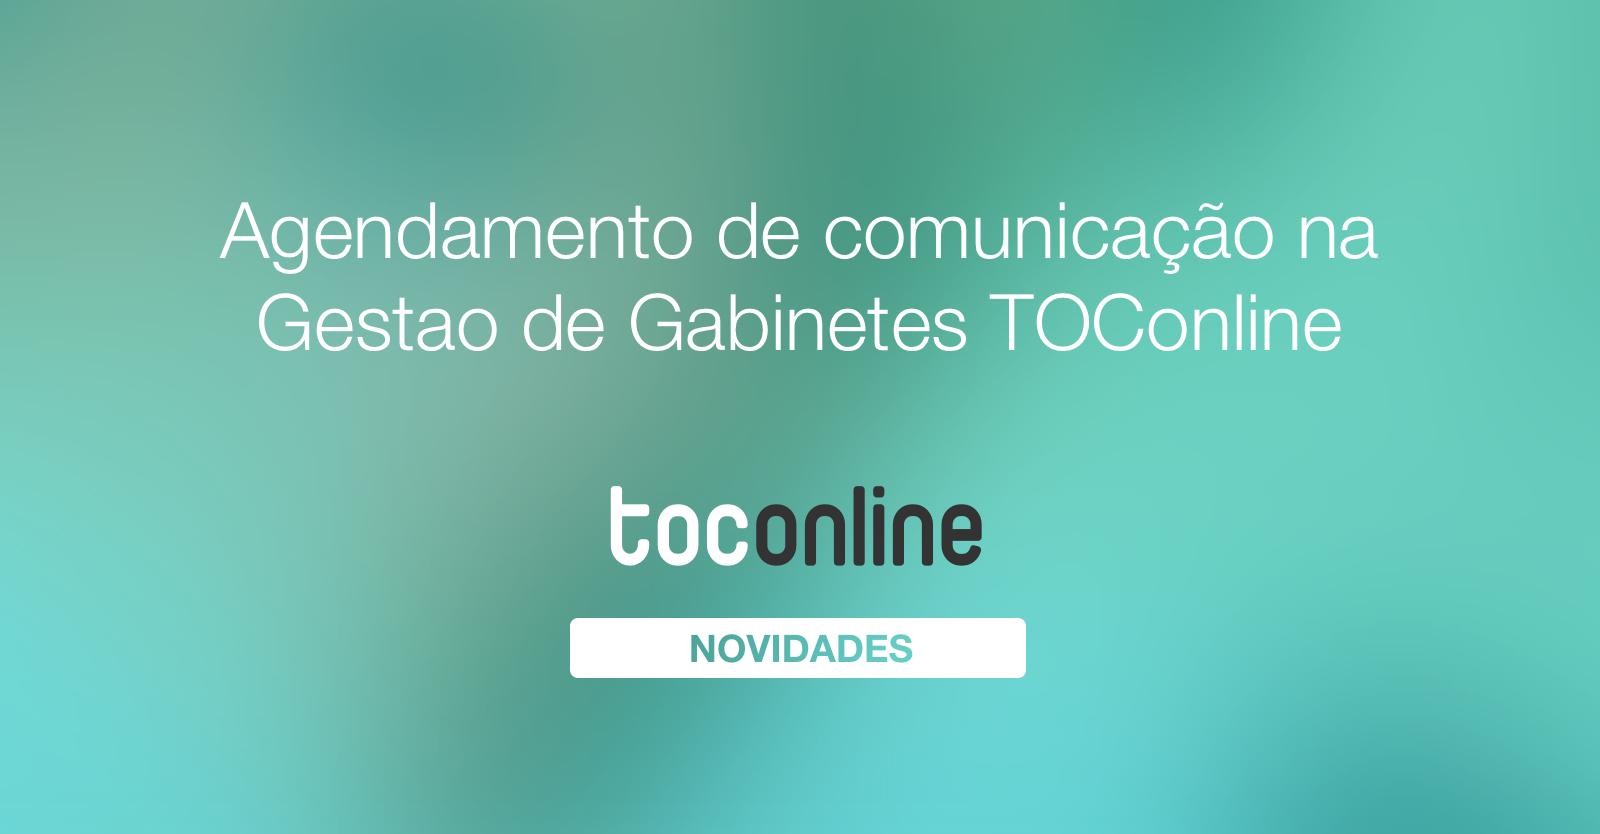 Agendamento comunicac ao toconline  1